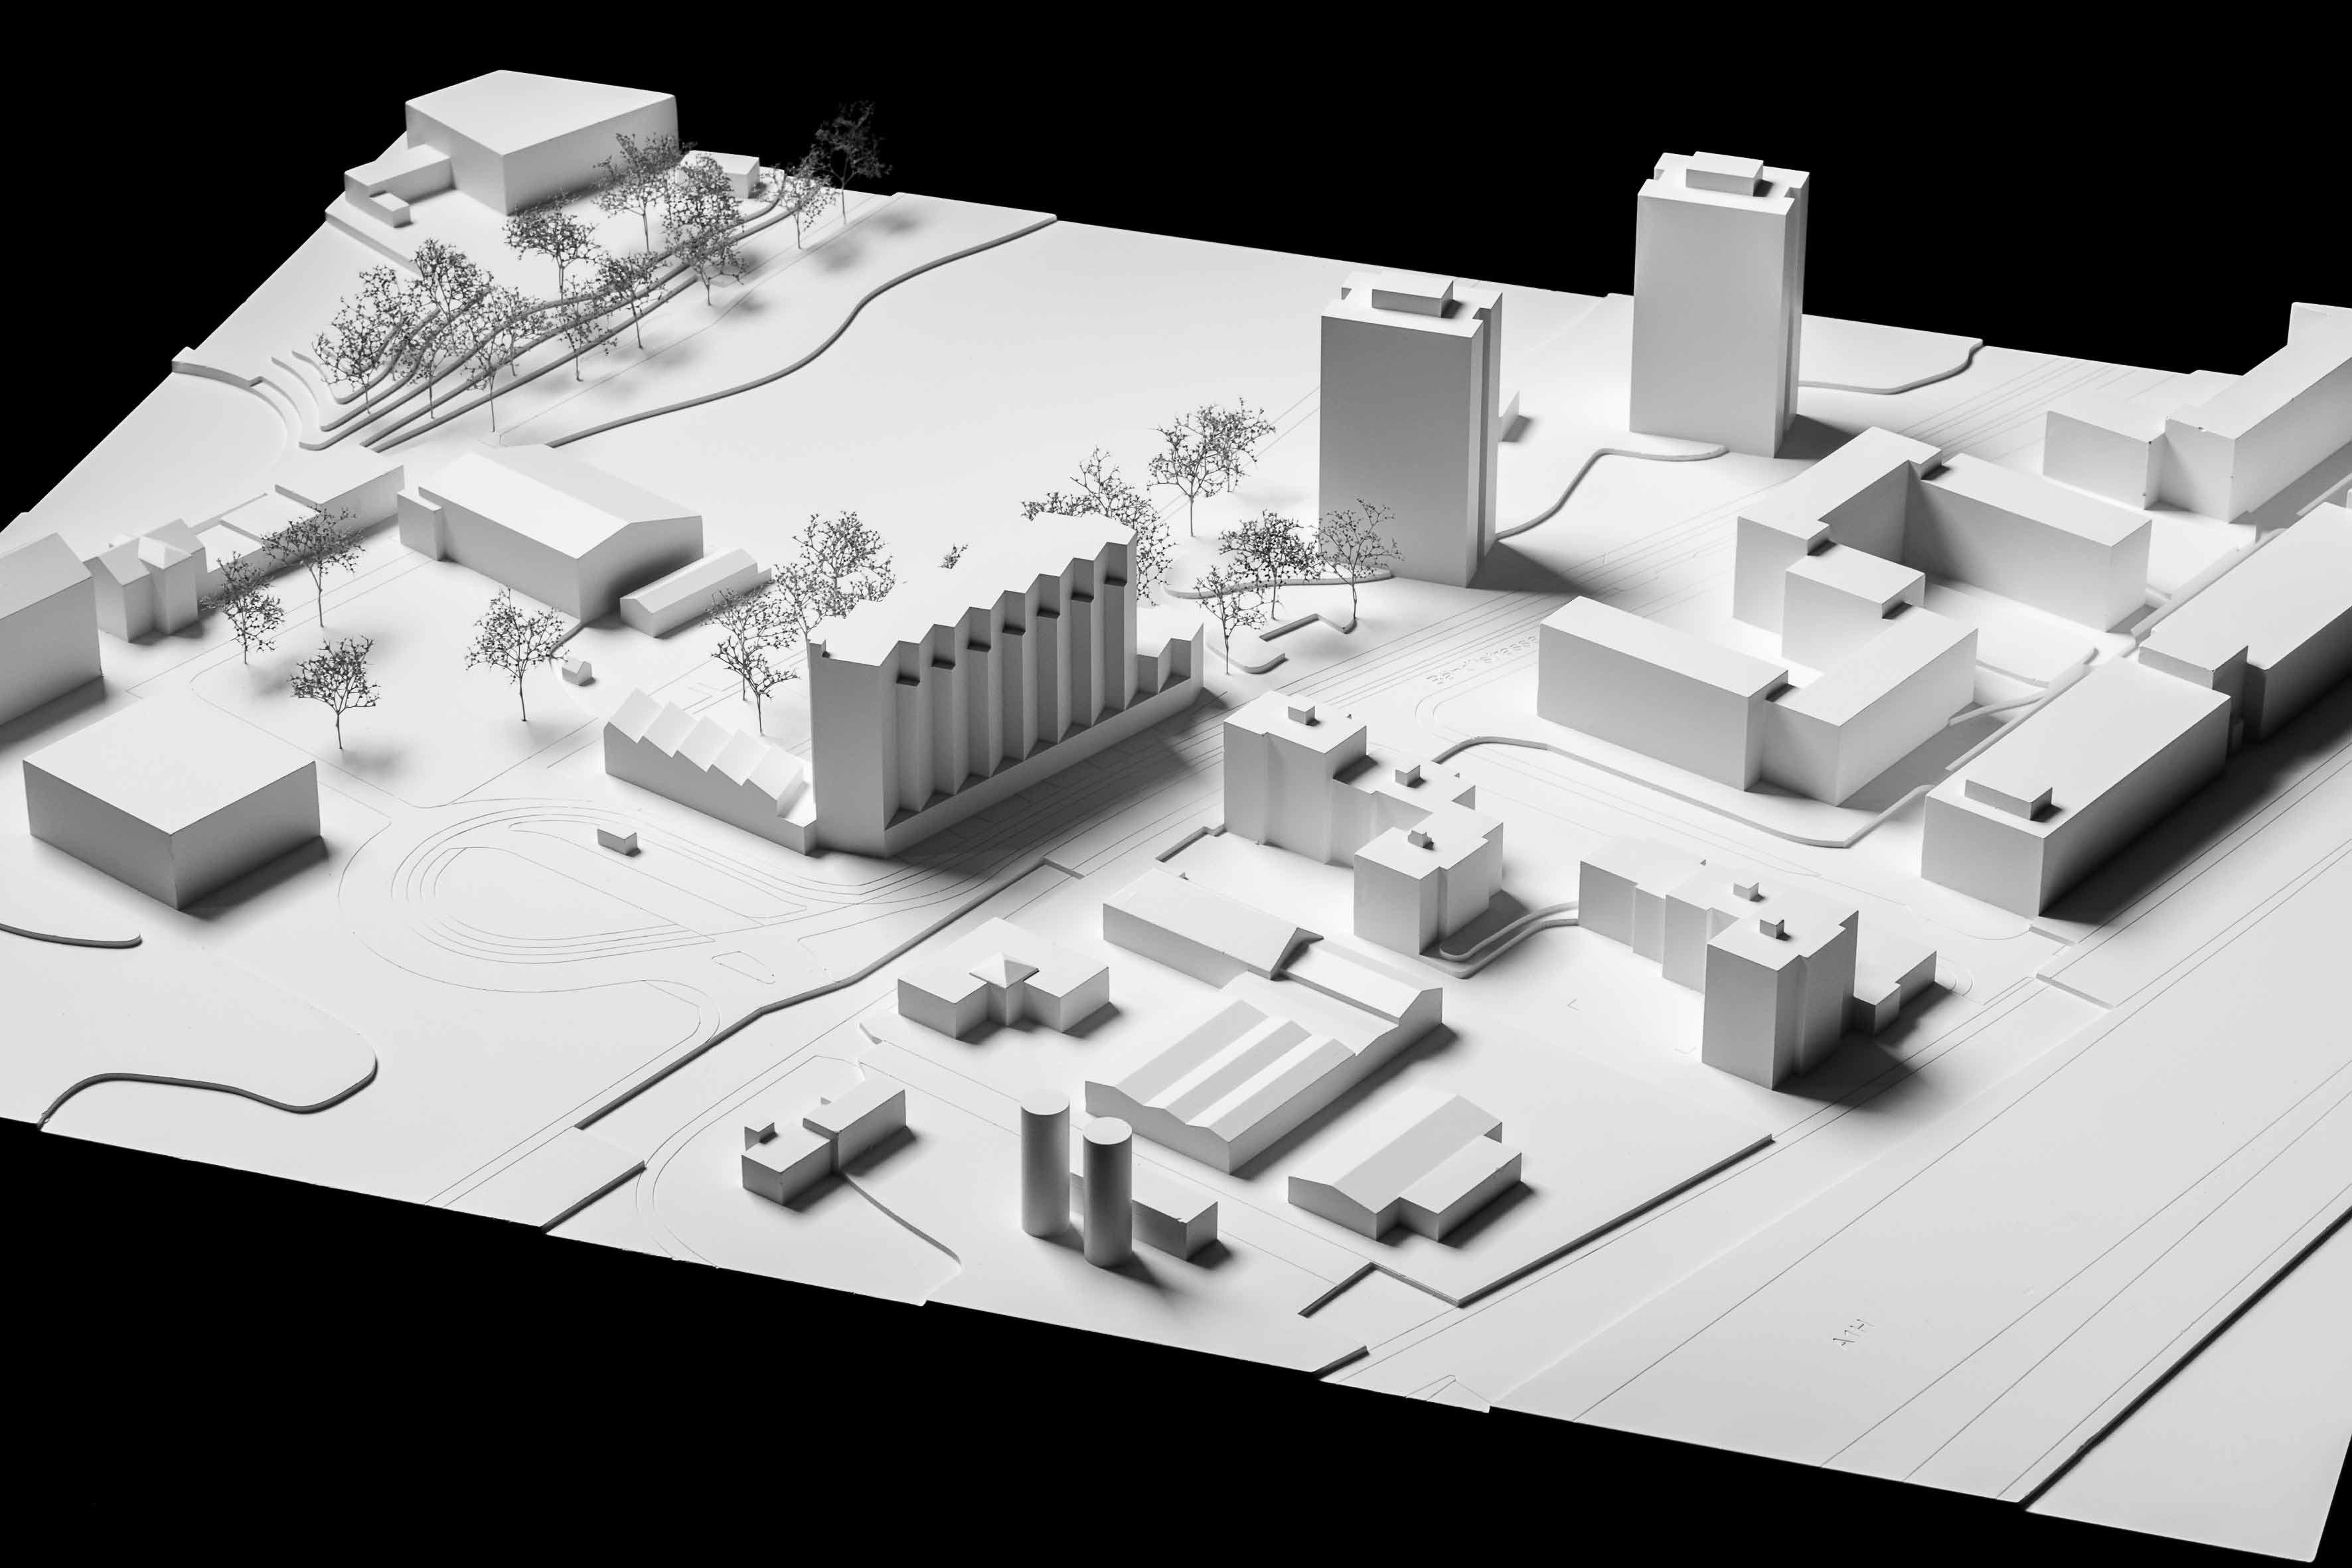 Modell Ersatzneubau Werdhölzli-Siedlung in Zürich-Altstetten